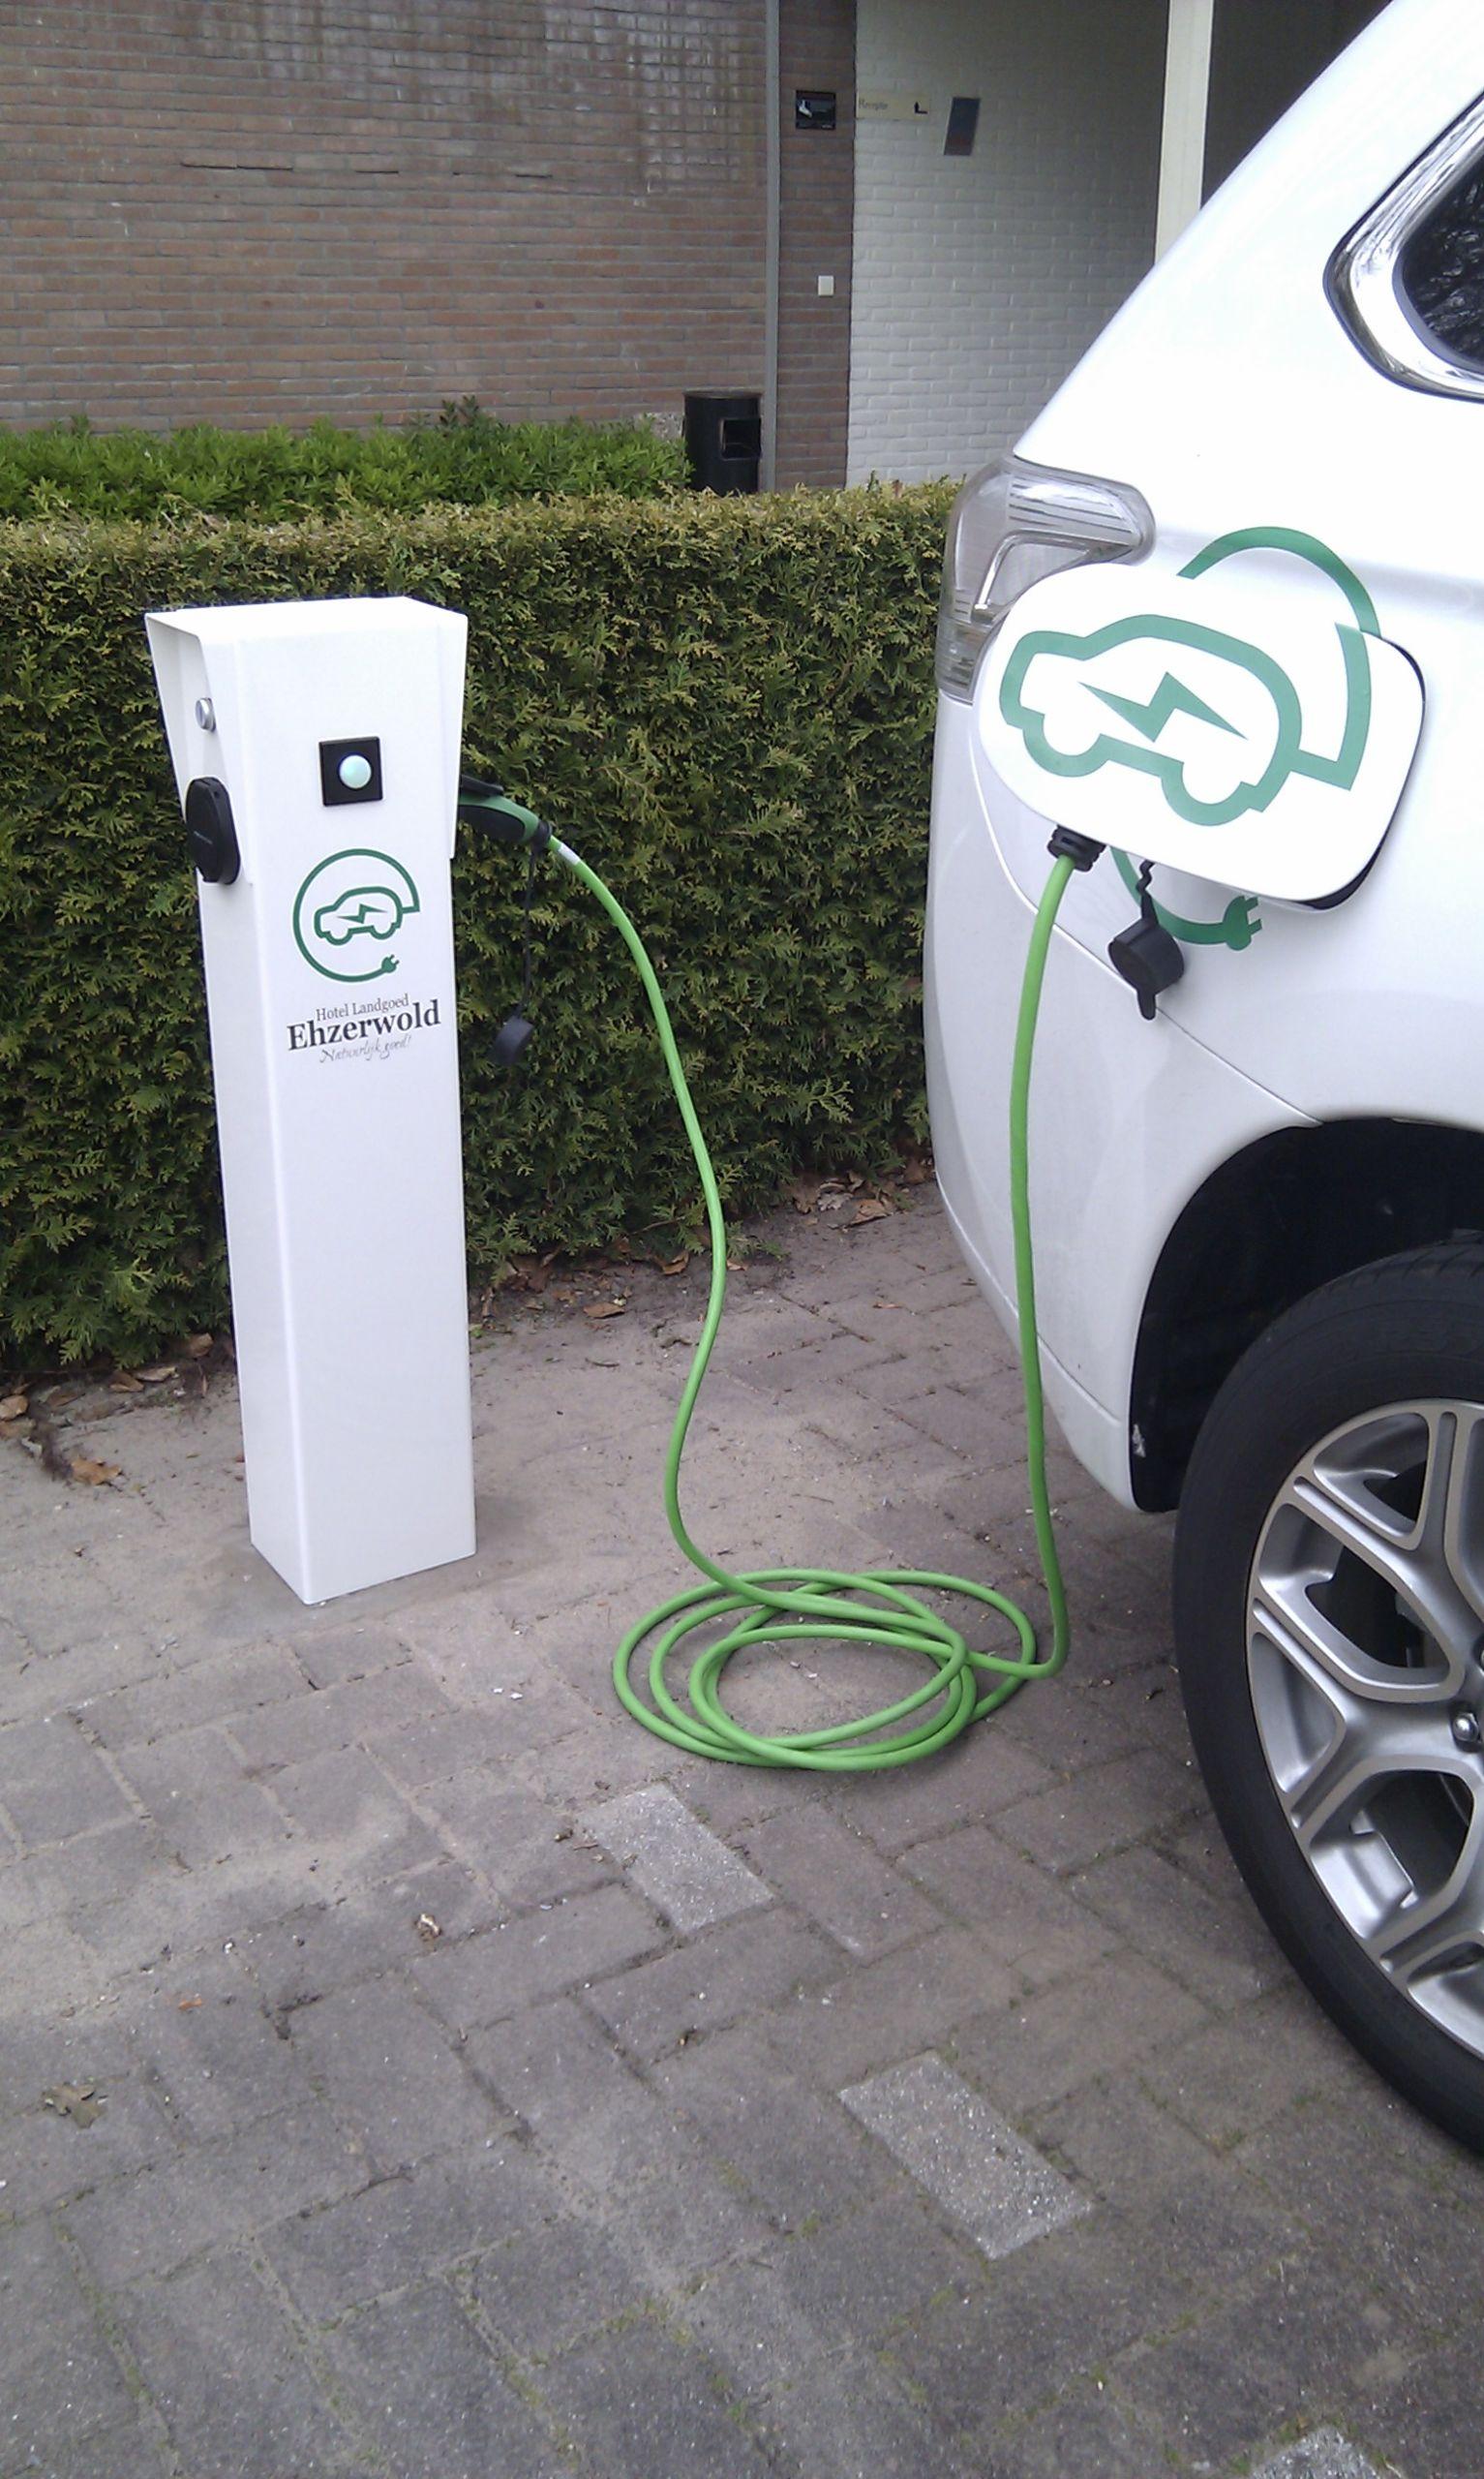 Opladen van uw elektrische auto bij Landgoed Ehzerwold in Almen